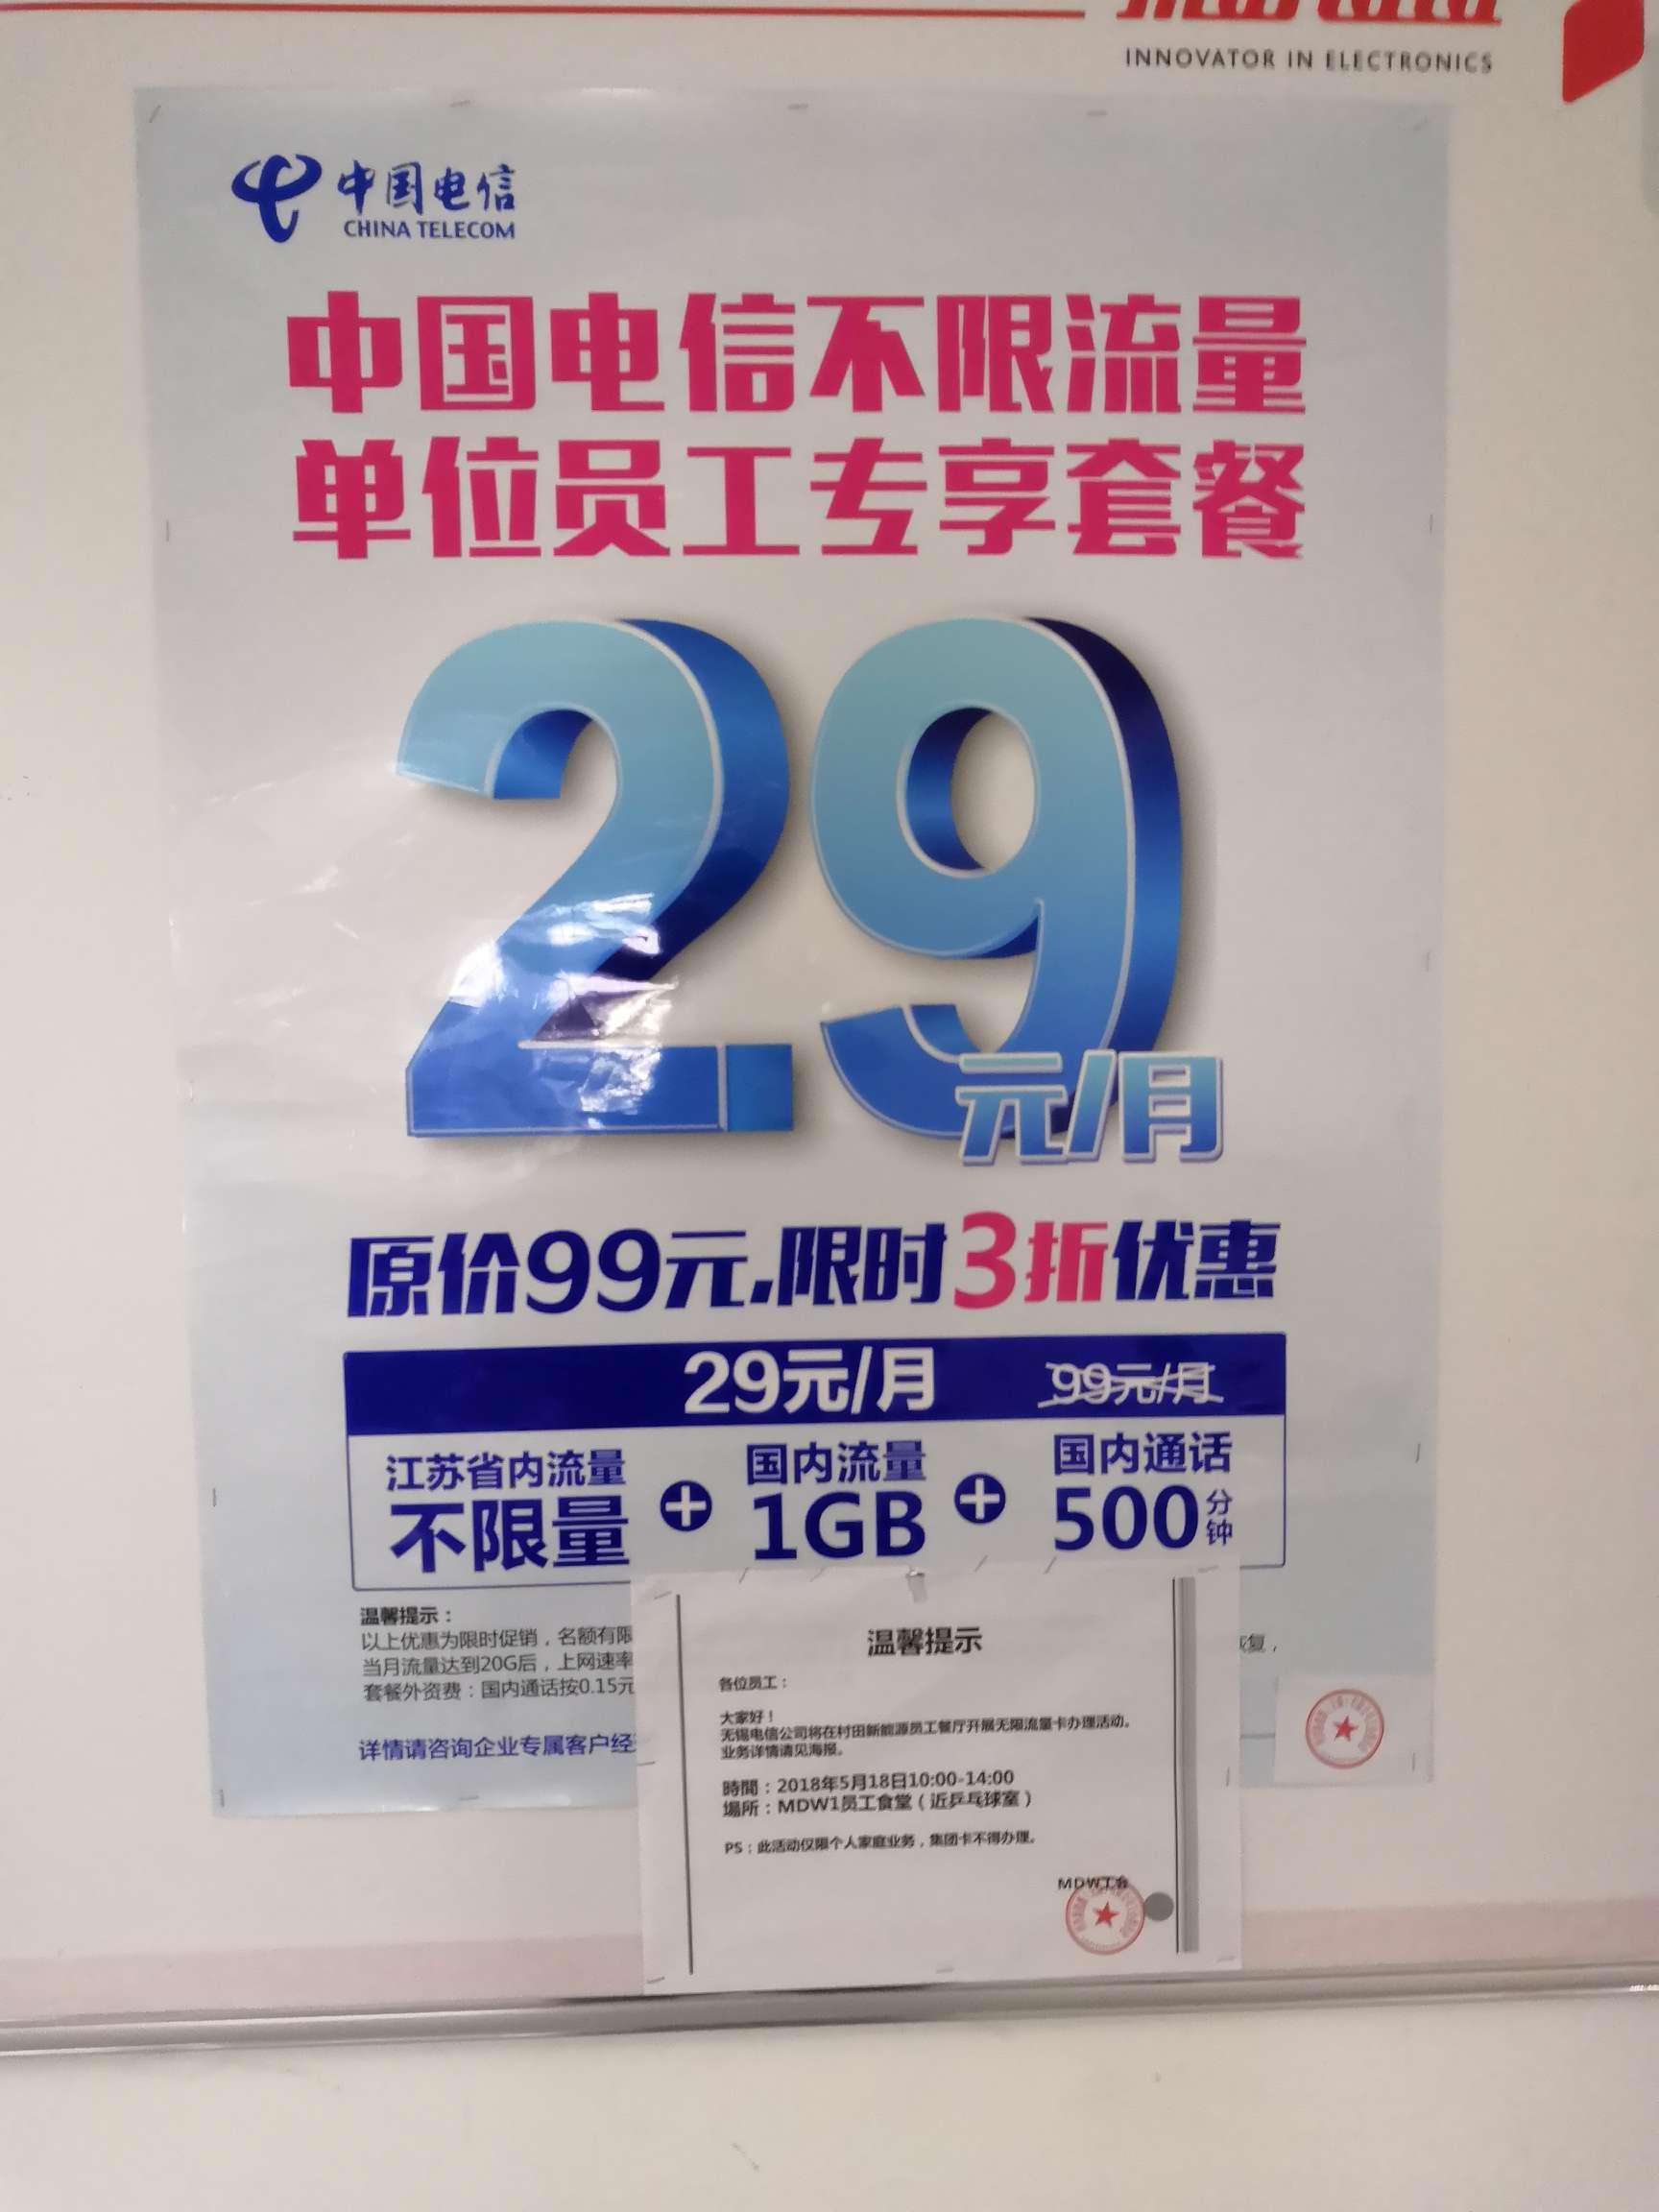 5G网络会让WiFi退出历史舞台吗?